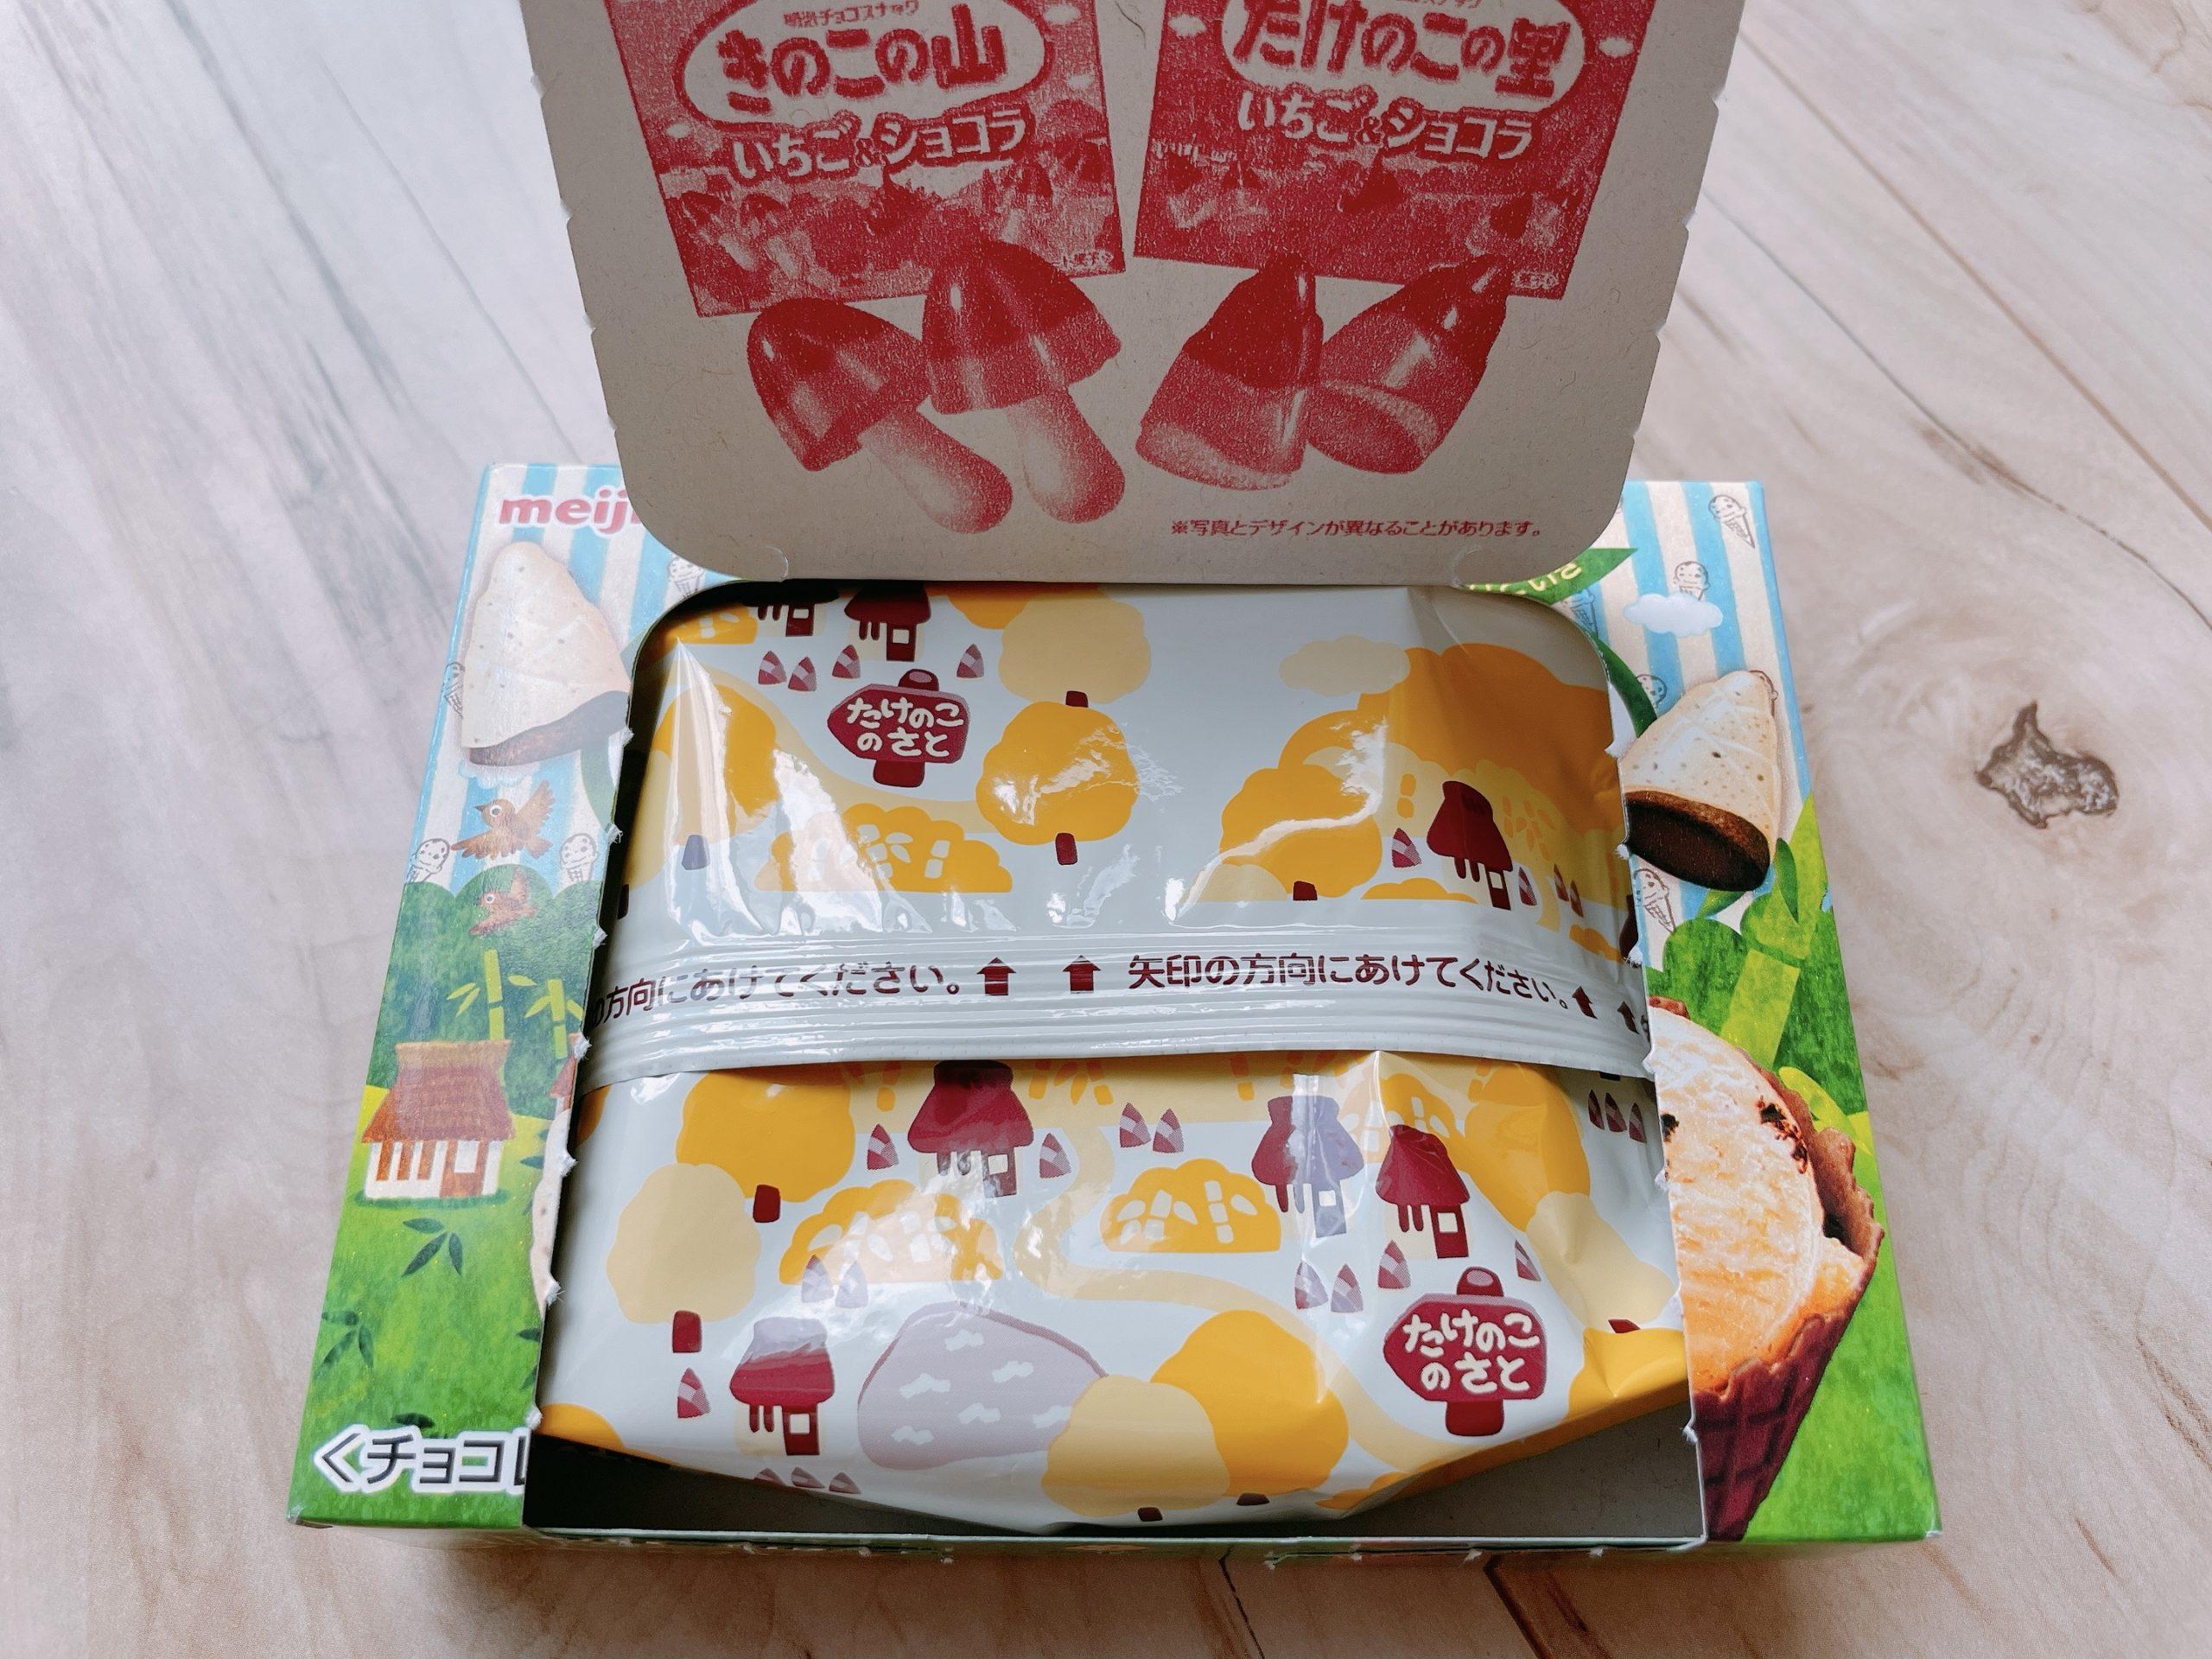 たけのこの里クッキー&バニラの箱、開封